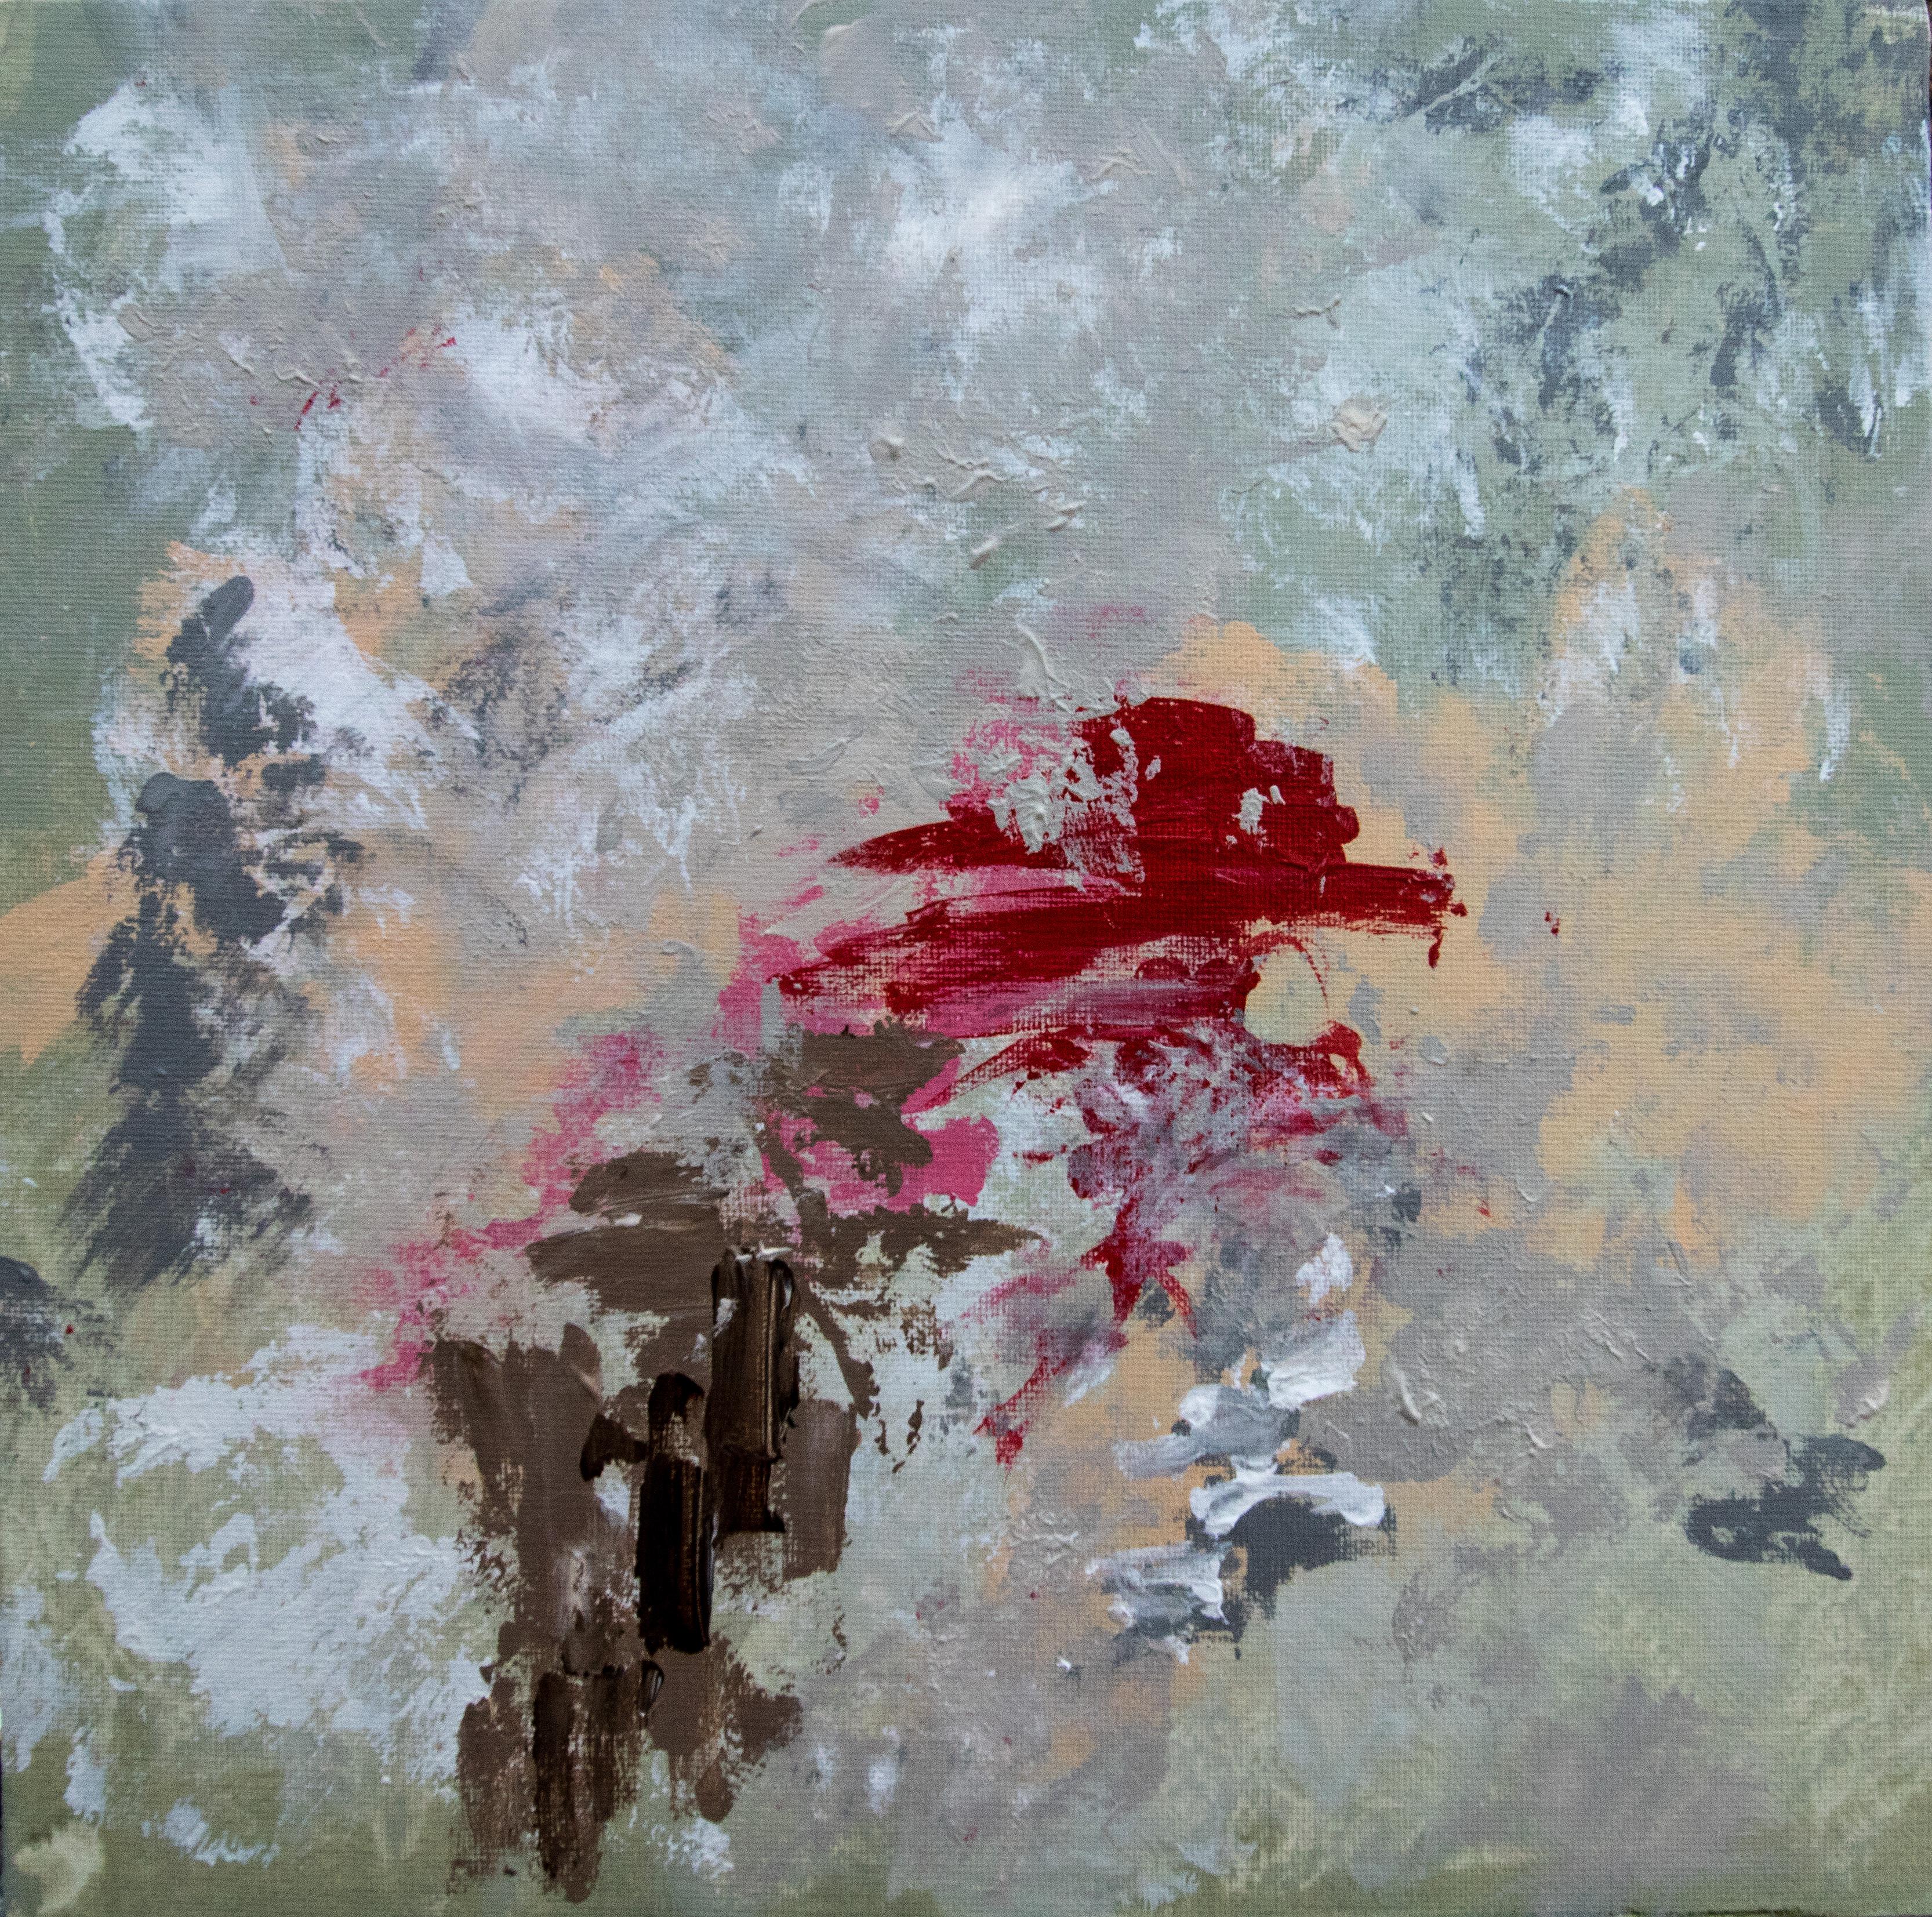 免費壁紙134215:纹理, 画, 油漆, 帆布, 画布, 污渍, 颜色, 离婚 下載手機圖片